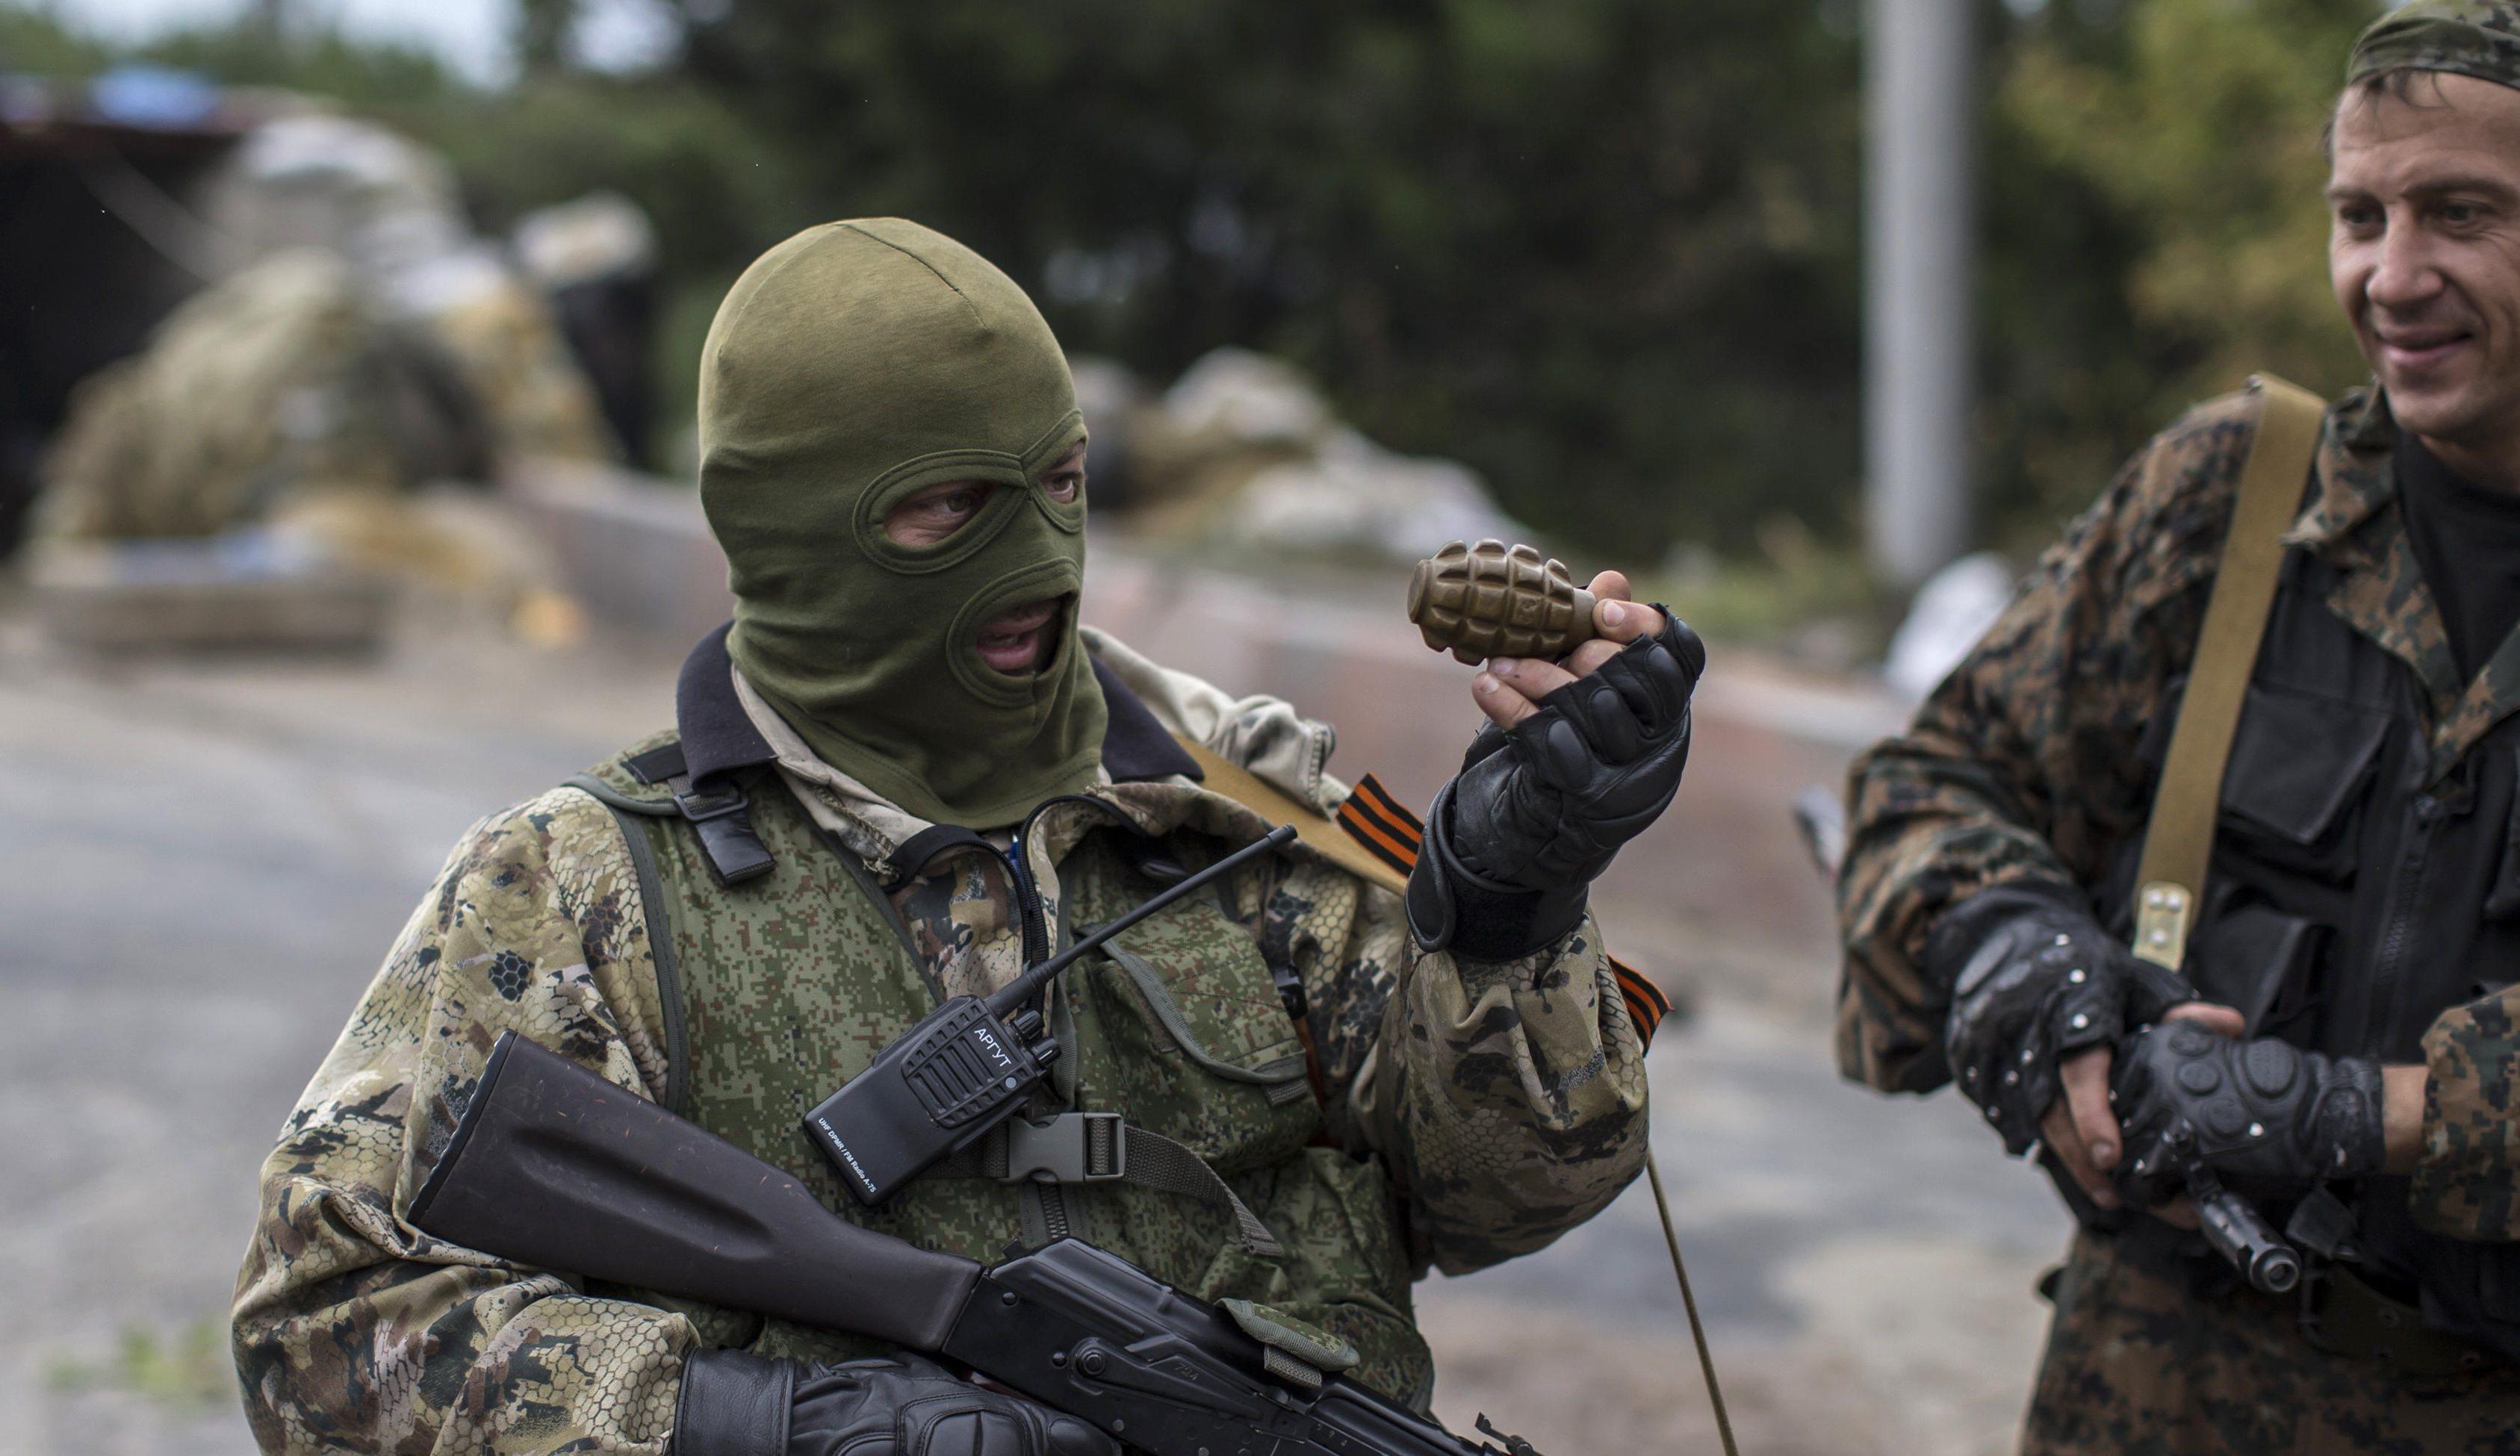 Тяжелые сутки в зоне АТО: от массированных минометных ударов сепаратистов пострадали Широкино, Николаевка и Водяное